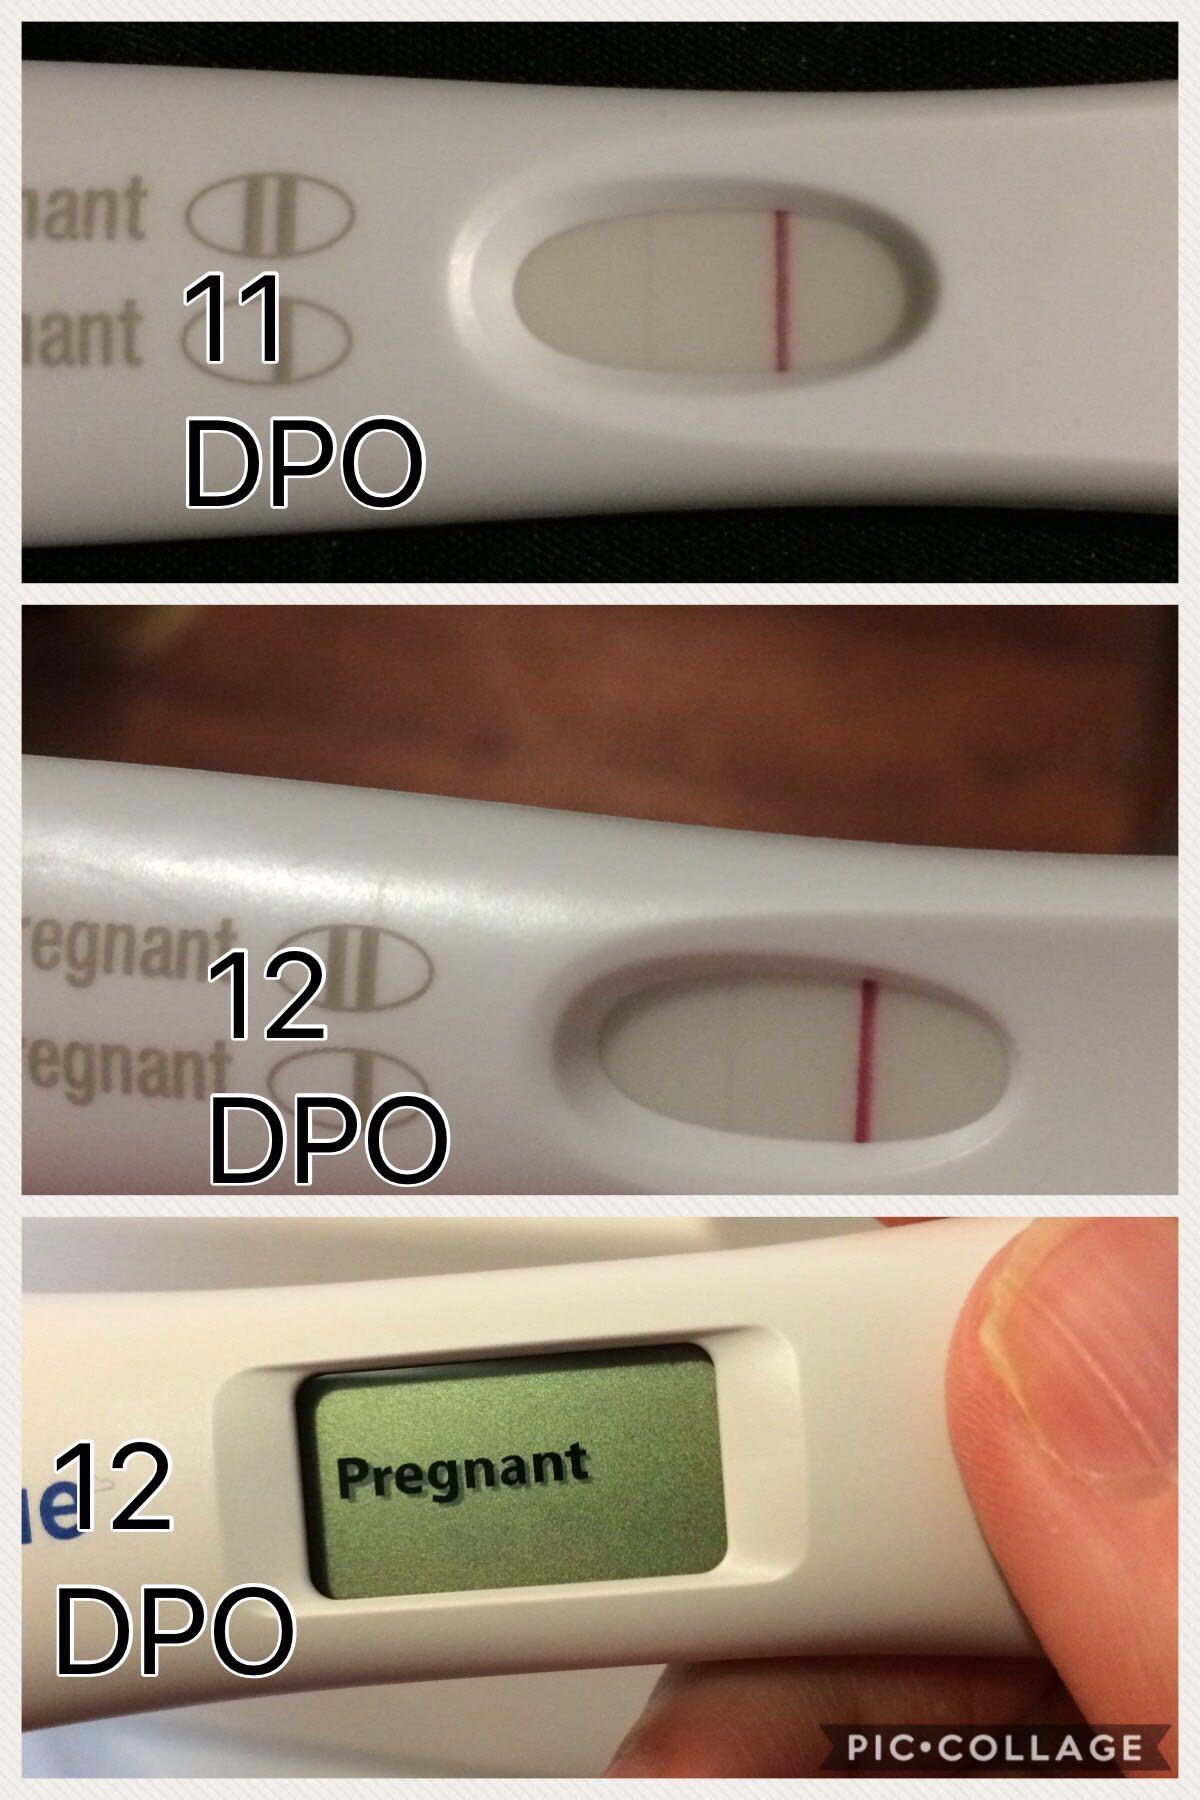 12 Dpo First Response Pregnancy Test - Pregnancy Symptoms